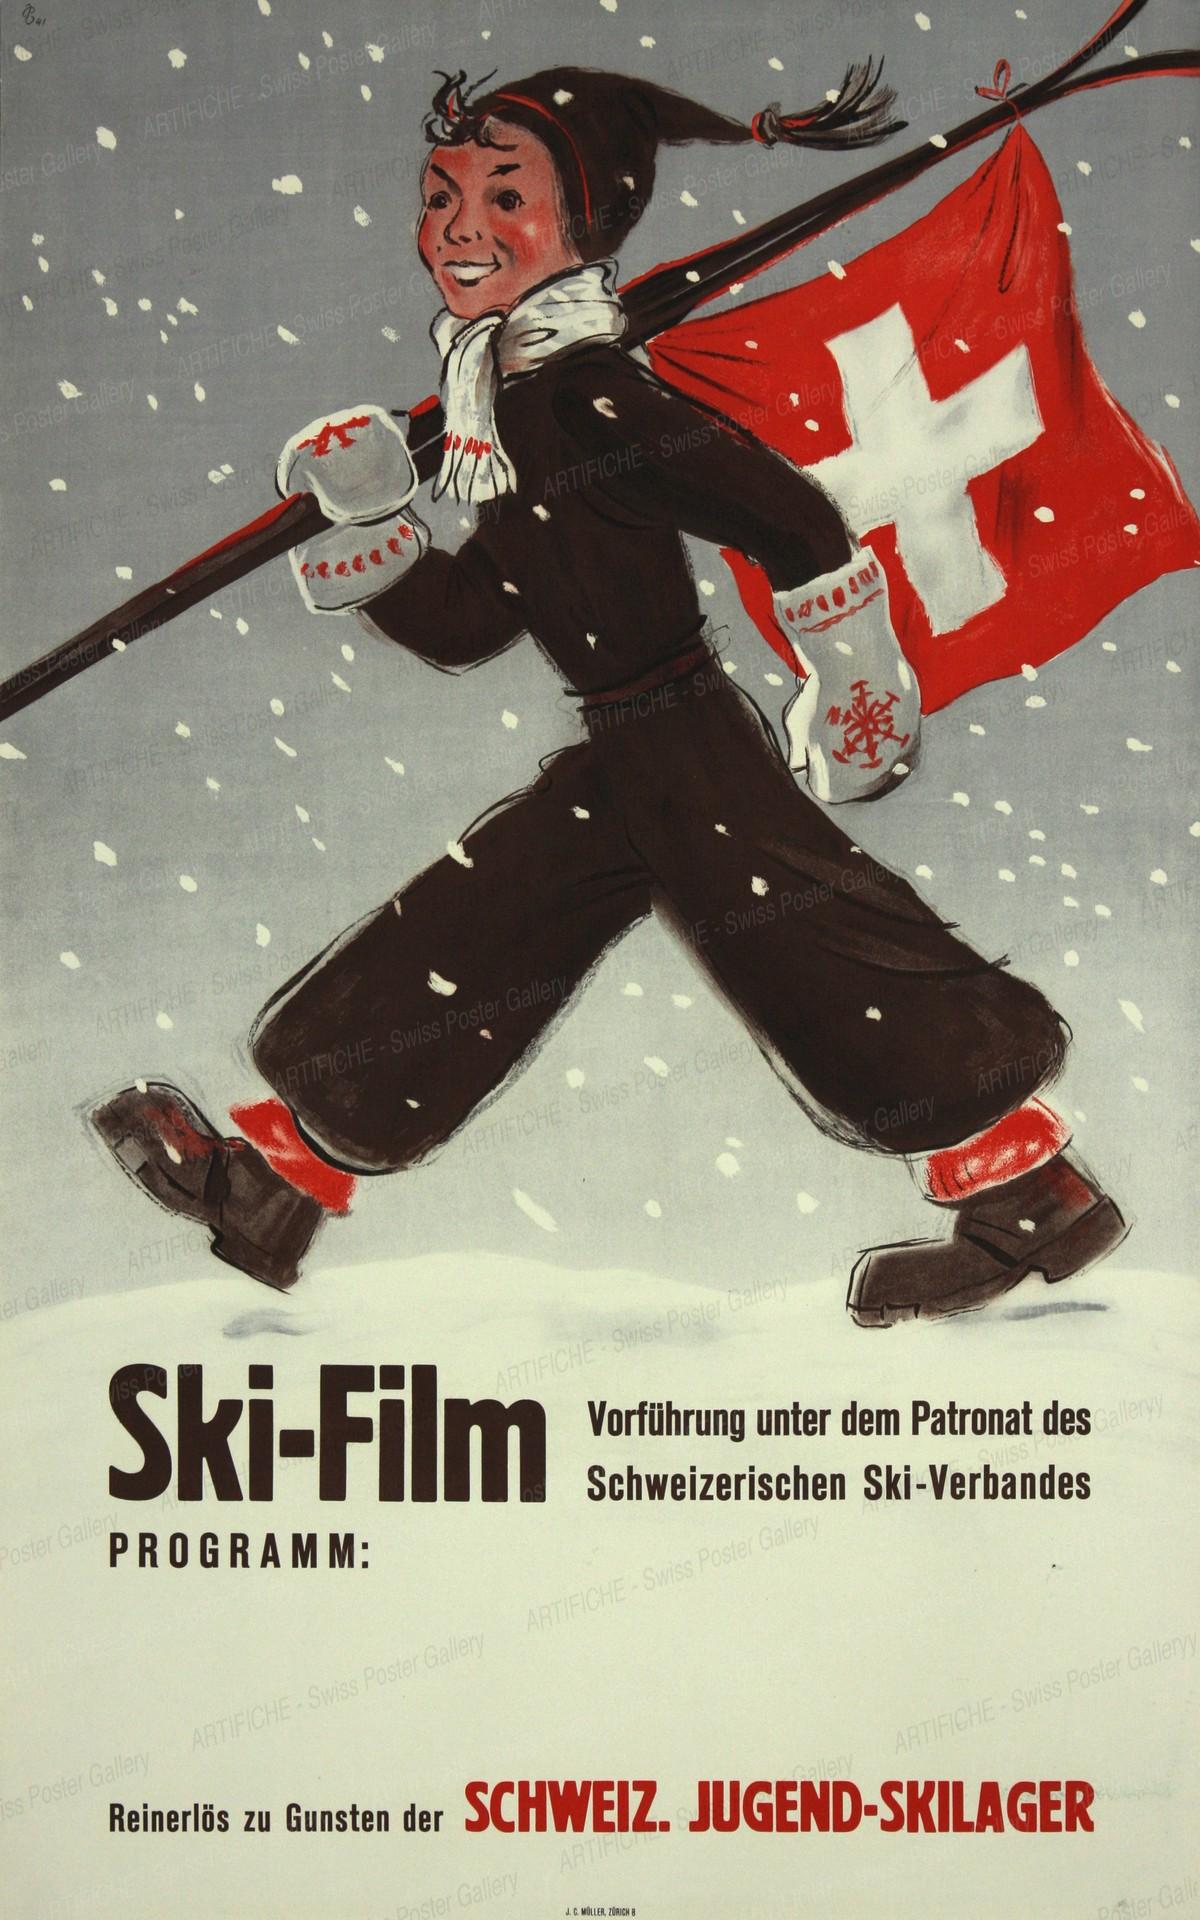 Ski-Film – Schweiz. Jugend-Skilager, Hugo Laubi